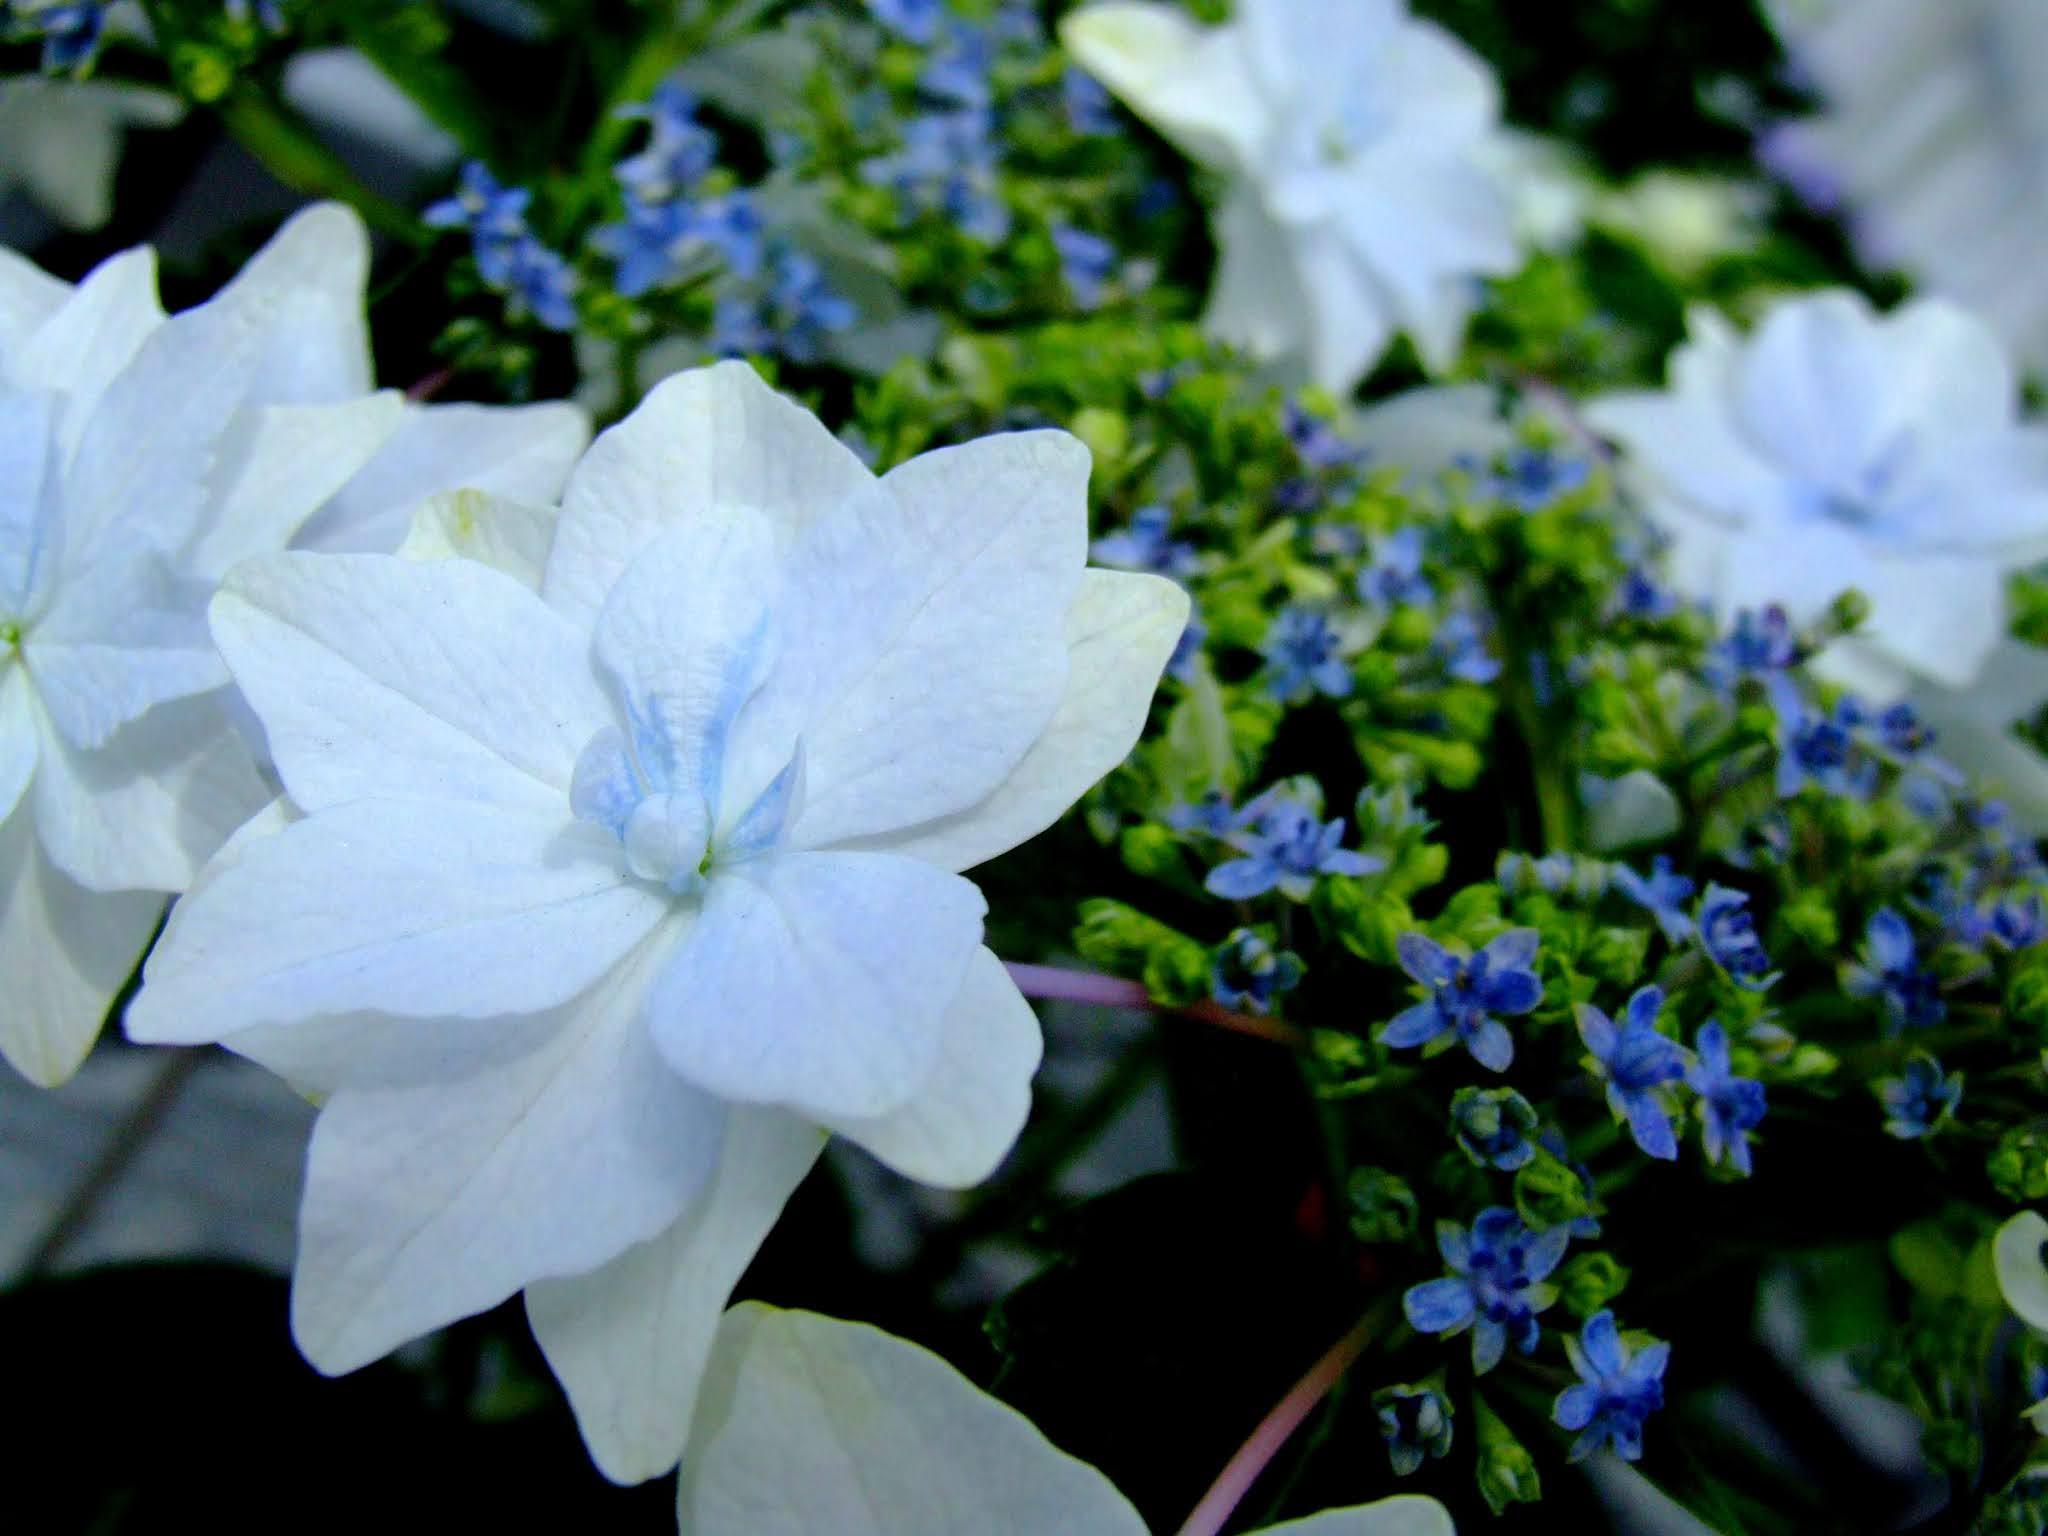 墨田の花火というガクアジサイです。薄いブルーの花弁と花火のような咲き方が本当に可愛いですよね。